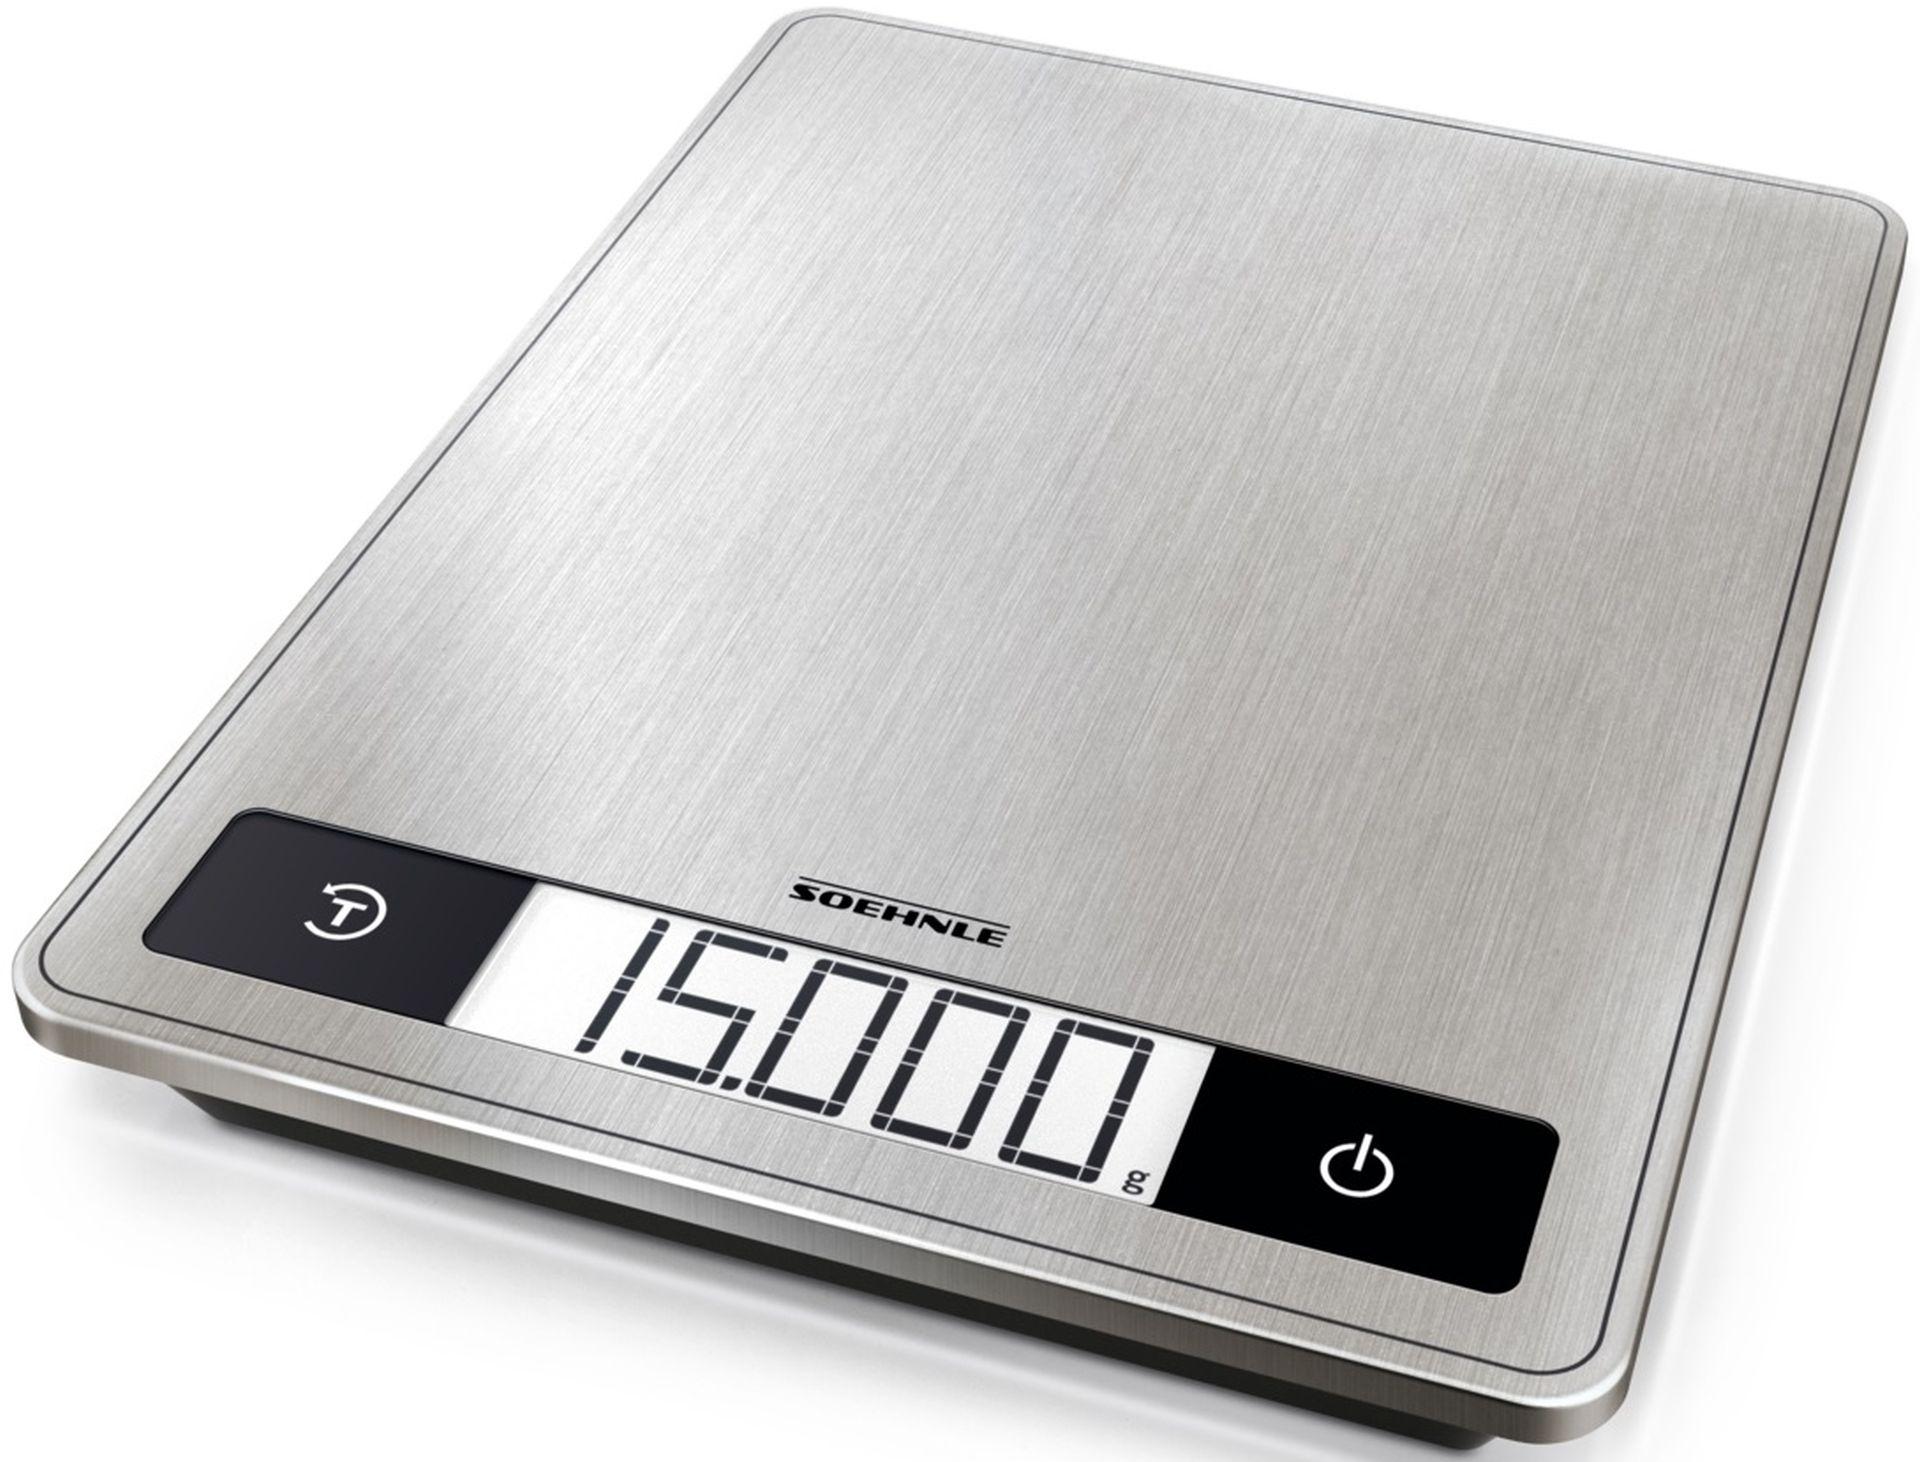 SOEHNLE Page Profi 200 Digitální kuchyňská váha 61509